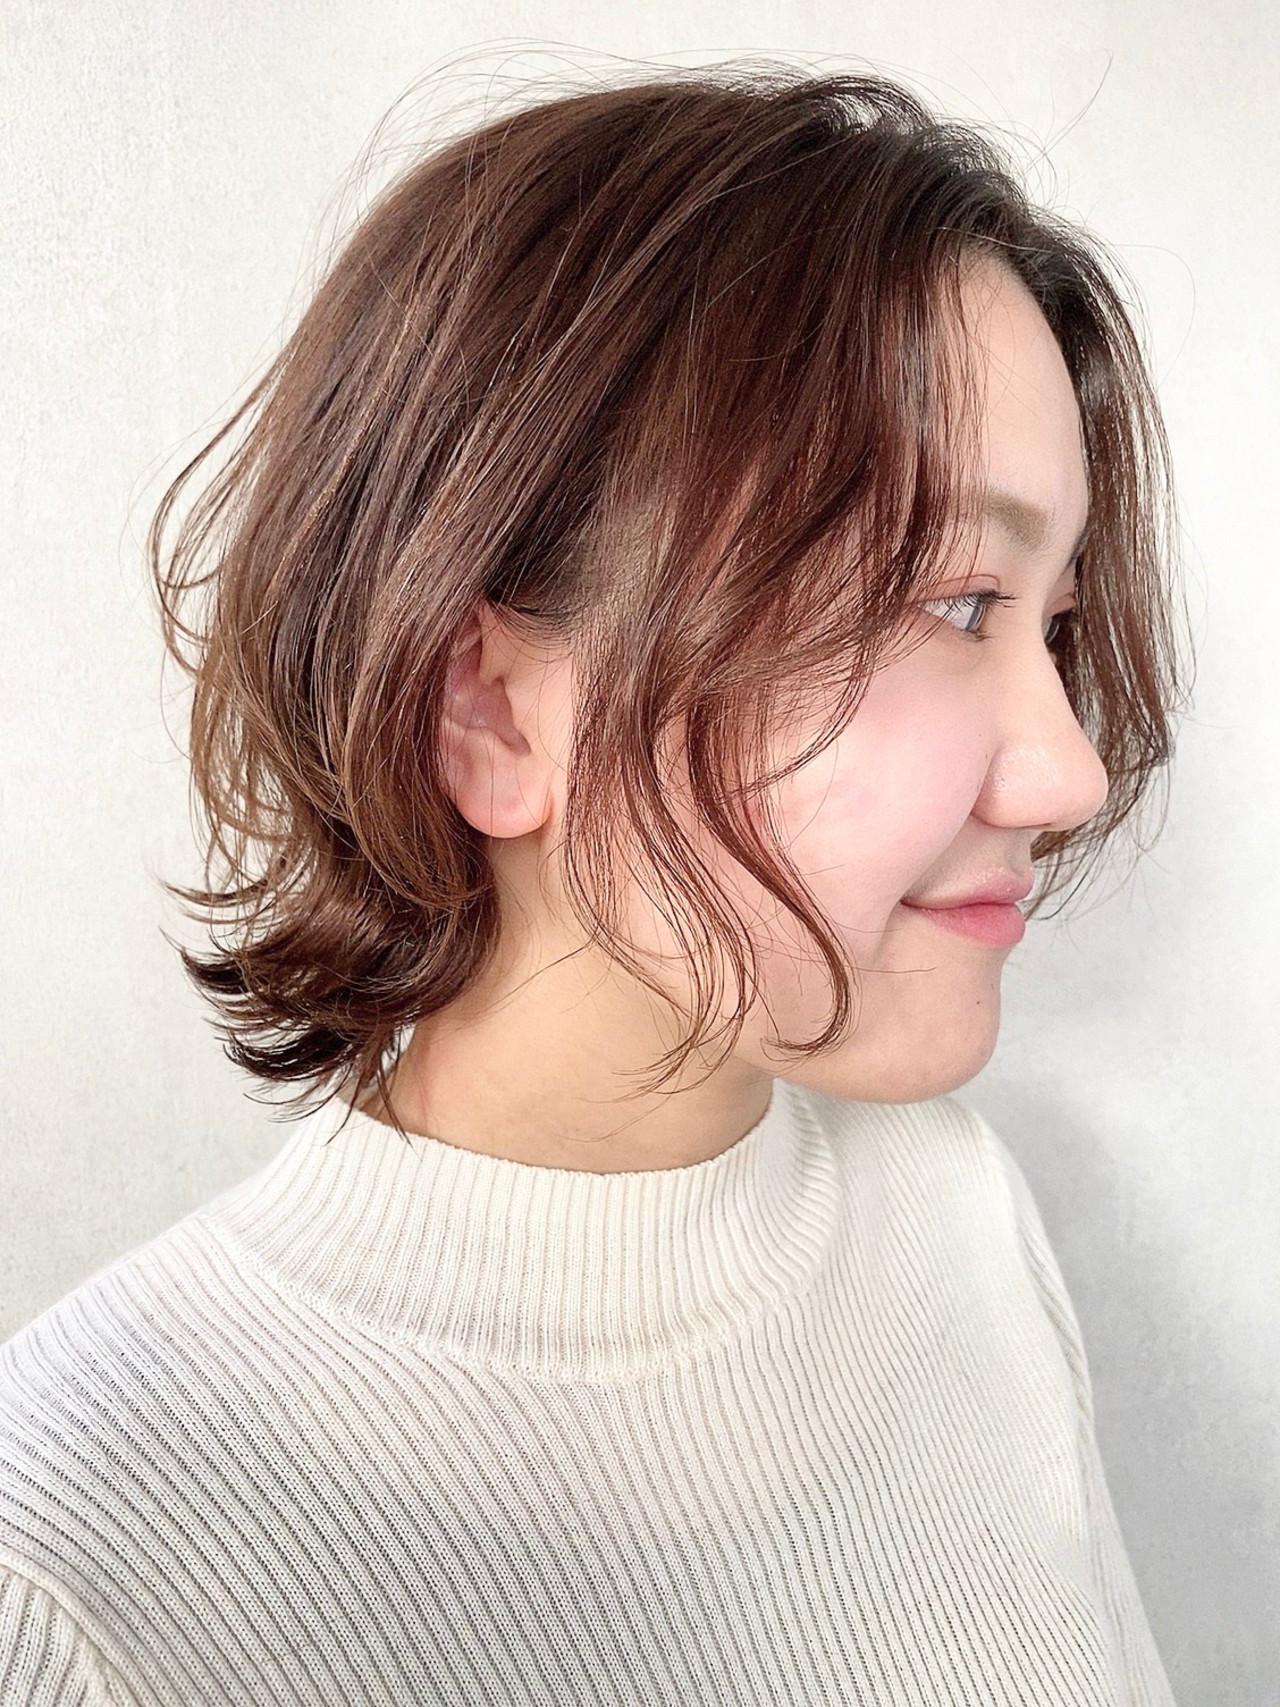 ガーリー ウルフカット ショートボブ ショートヘア ヘアスタイルや髪型の写真・画像